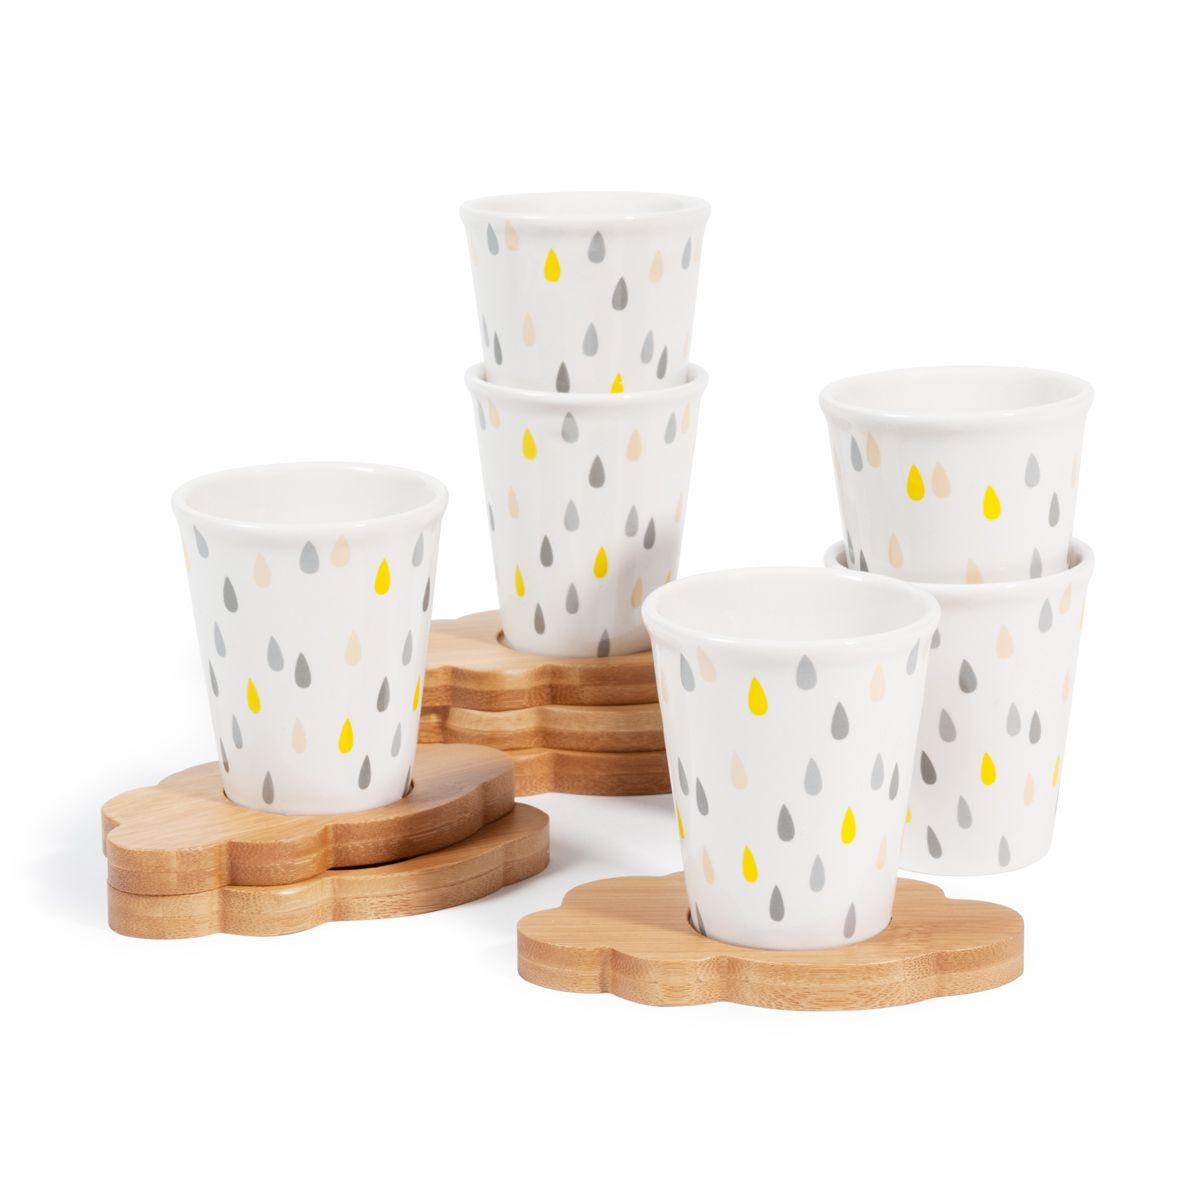 coffret 6 tasses et soucoupes caf nuage maisons du monde kitchenteeps pinterest. Black Bedroom Furniture Sets. Home Design Ideas